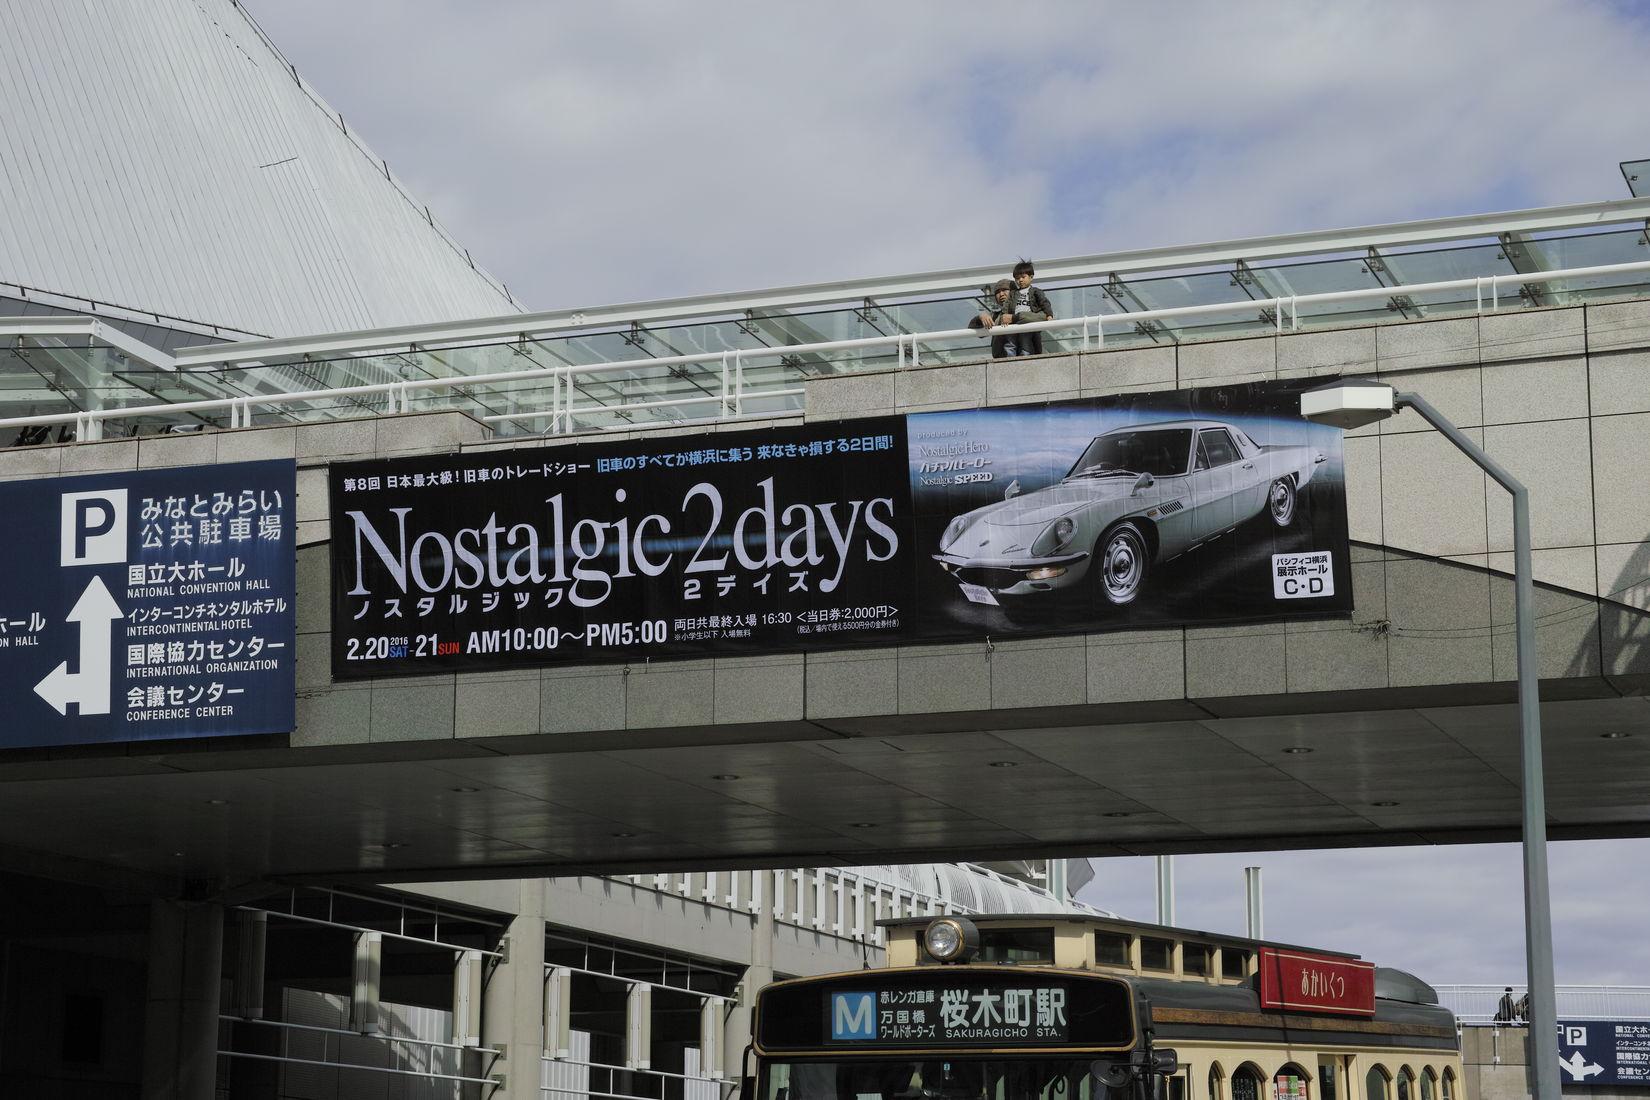 昨日コレを見てきました🚙 I went to this event yesterday!🚙 来週ここでやるCP+📷楽しみです♬ Oldcar Car Show Sunday Walk Hello World Enjoying Life パシフィコ横浜 みなとみらい Yokohama Yokohama-shi